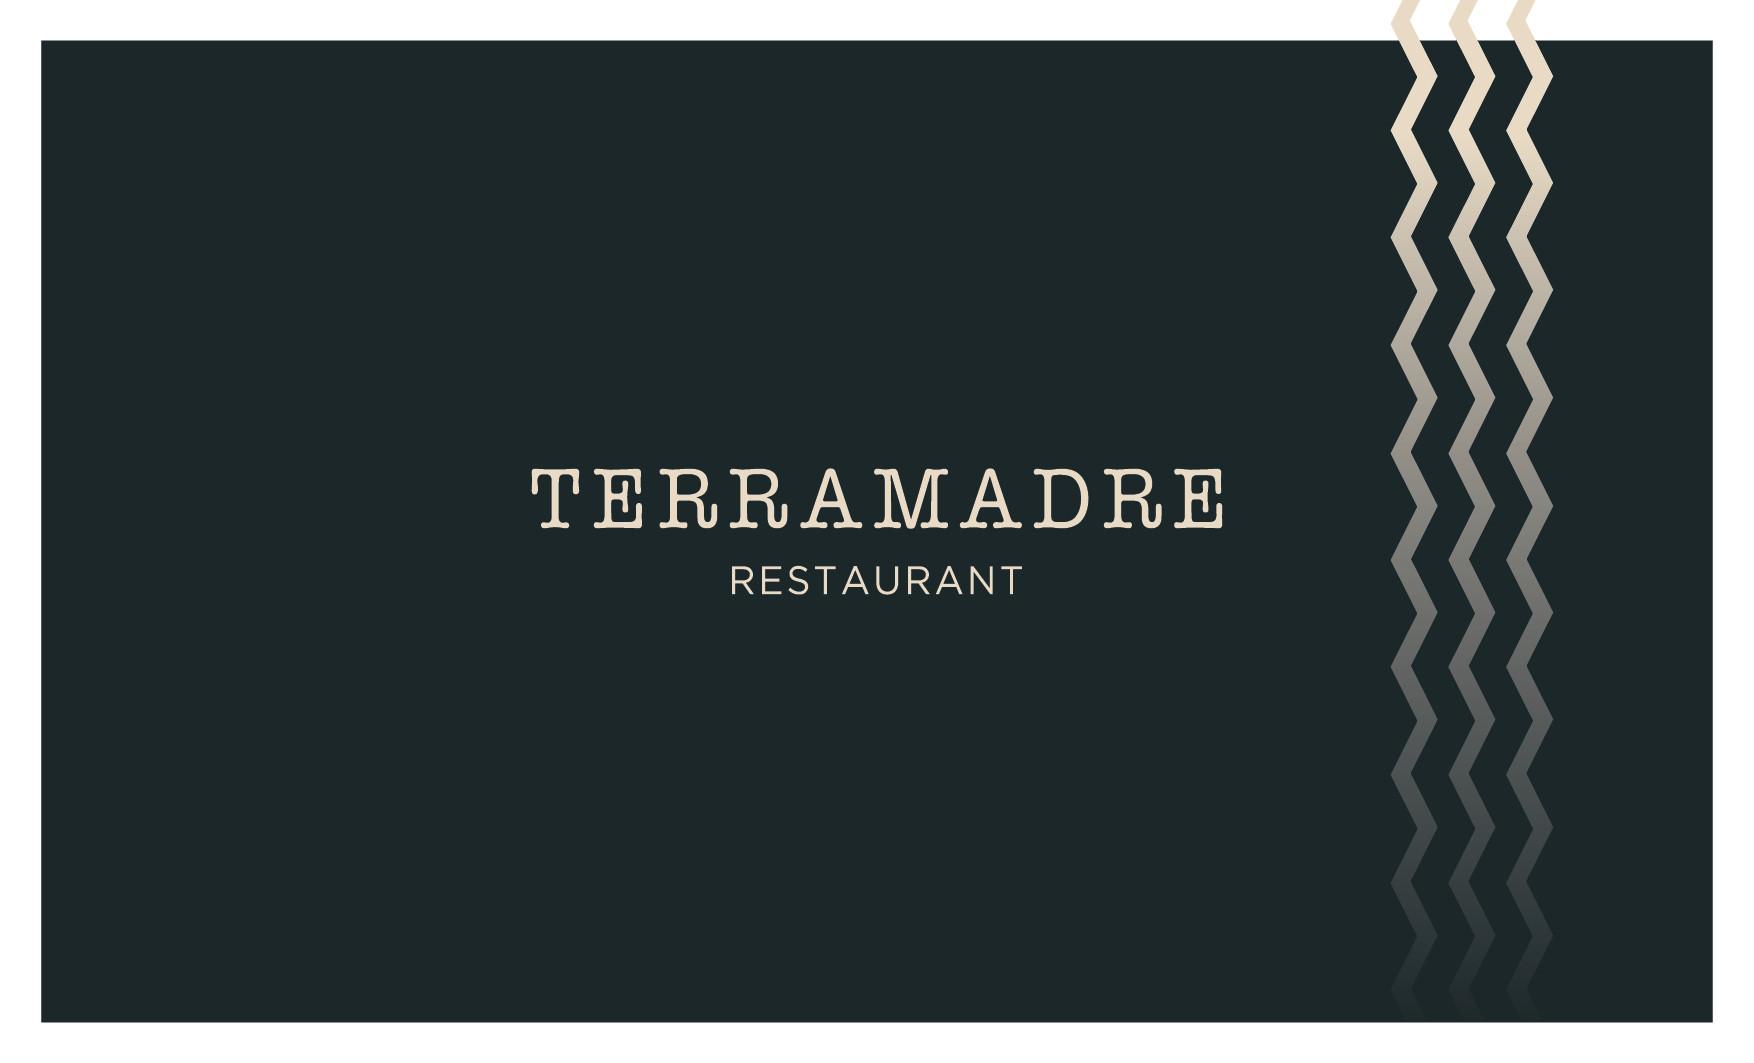 TERRAMADRE.jpg